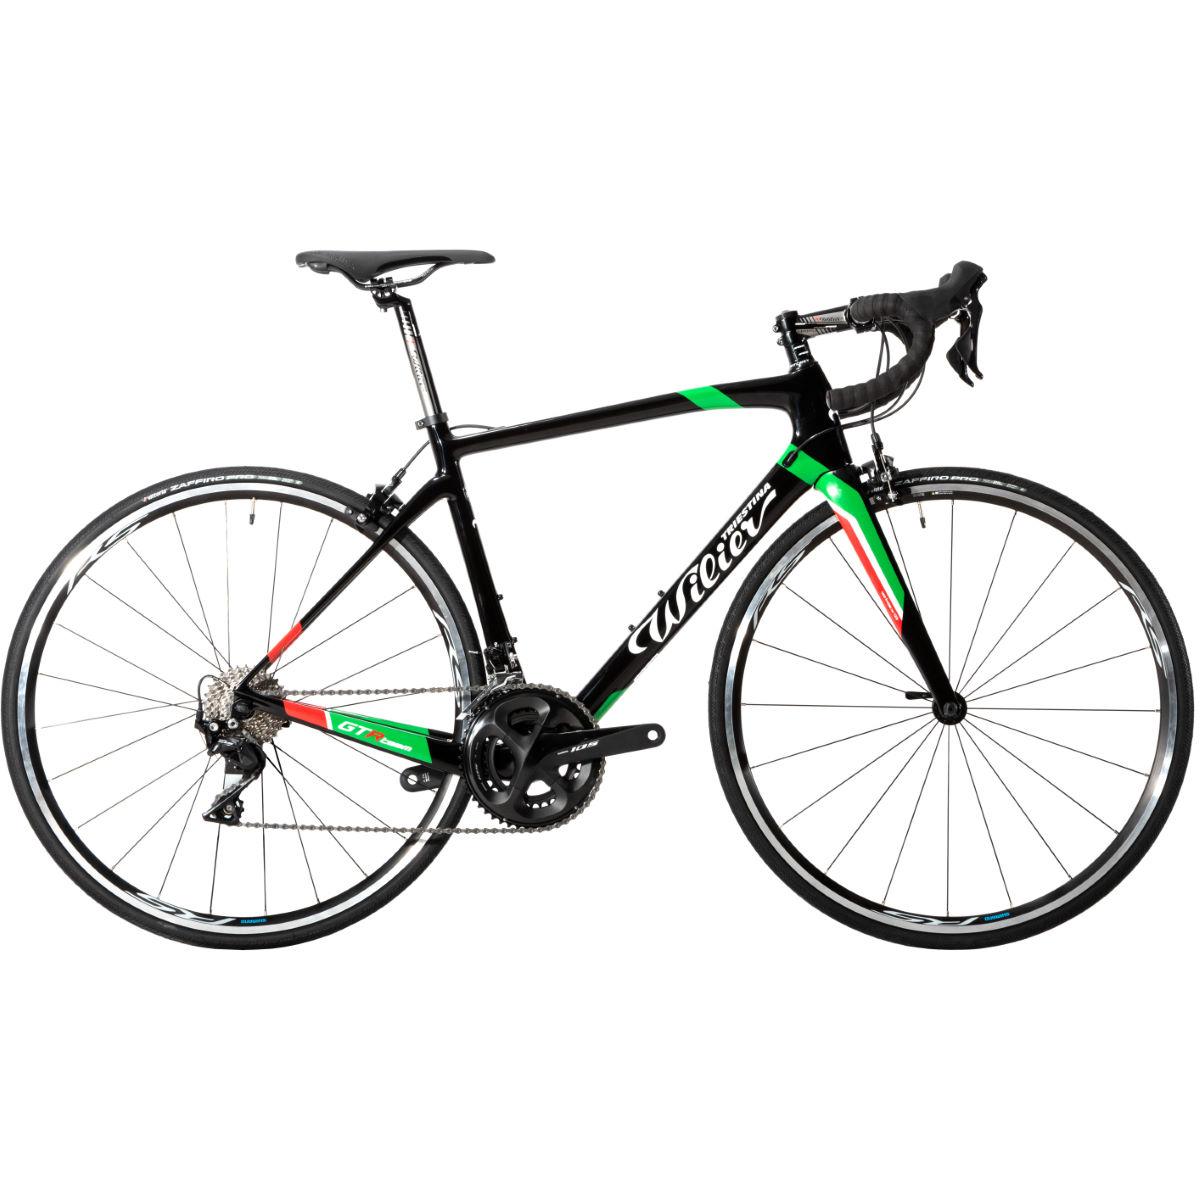 Wilier GTR Team 105 2019 Bikes